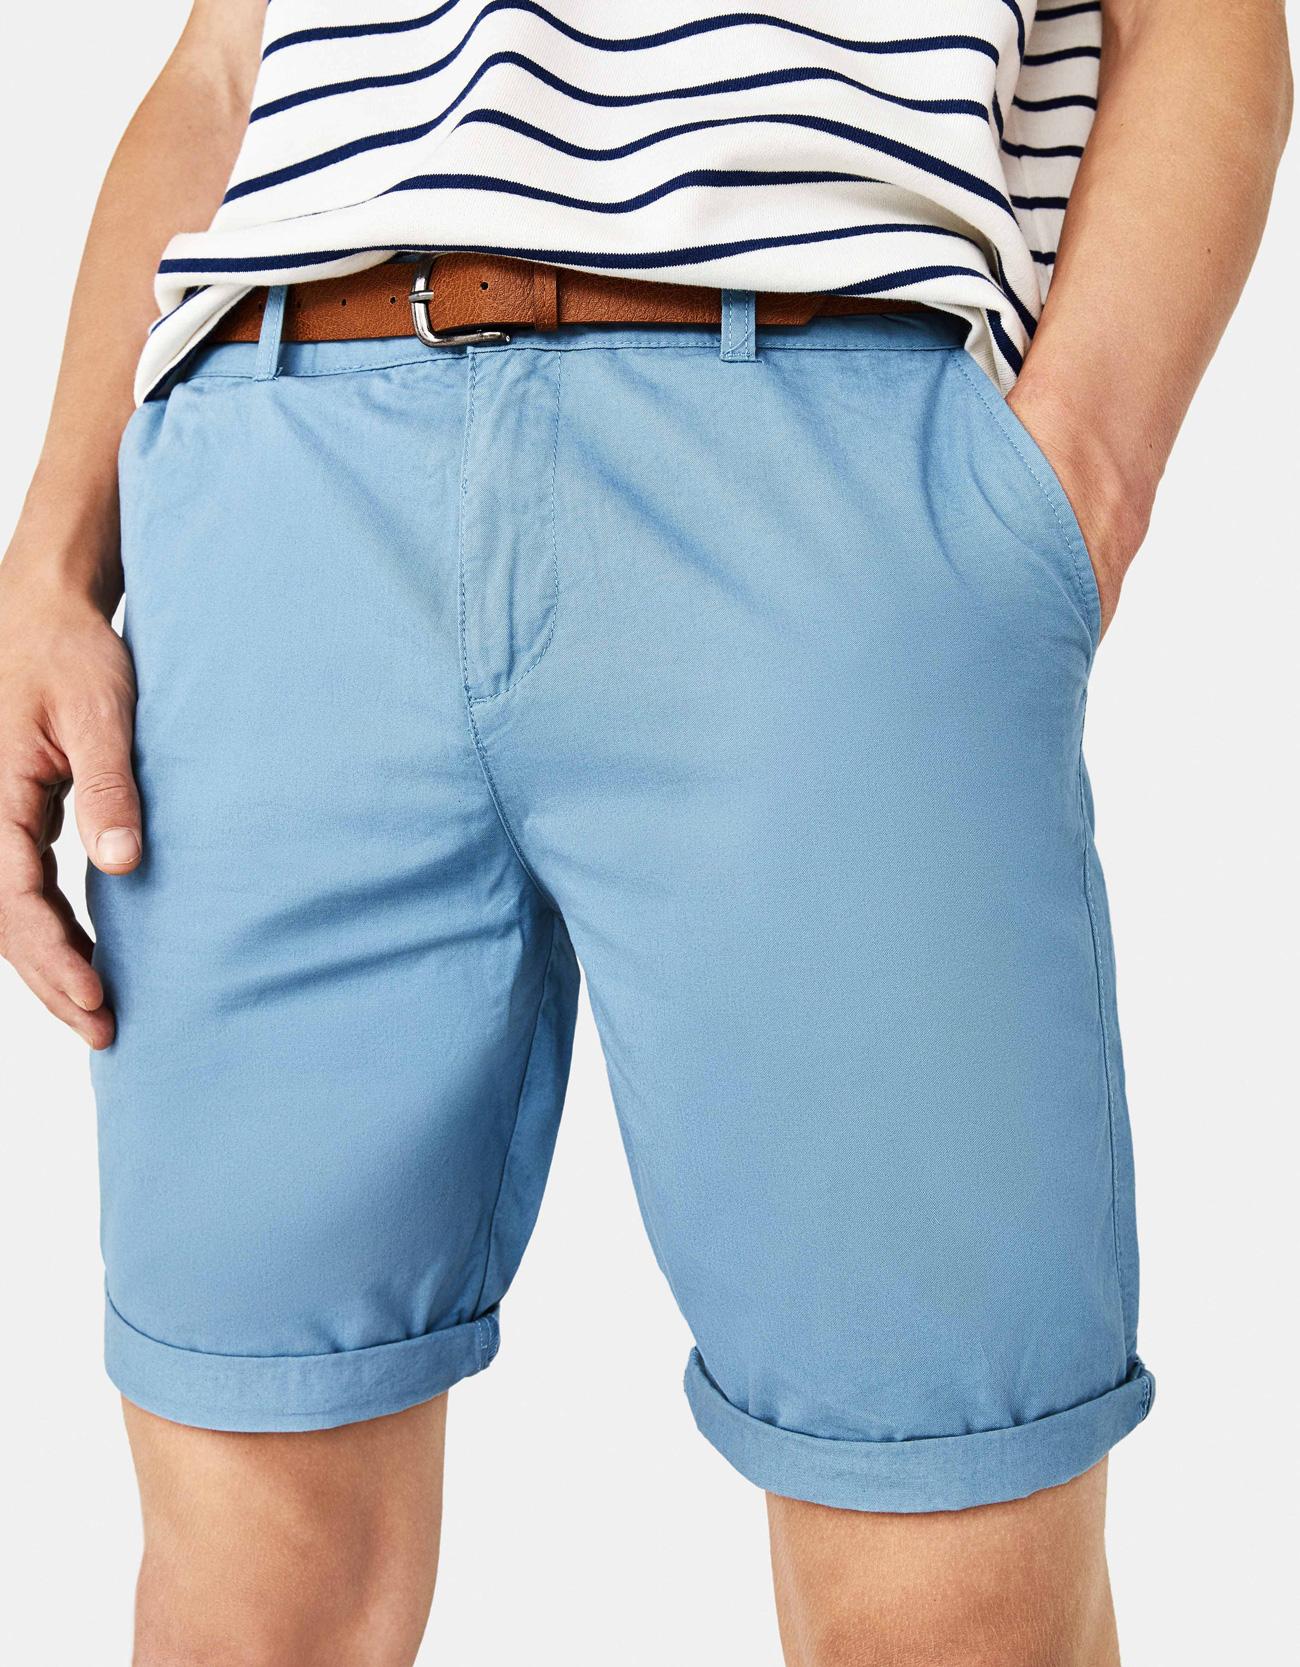 8fa917722086c8 Belted Bermuda shorts - Printed - Bershka Jordan